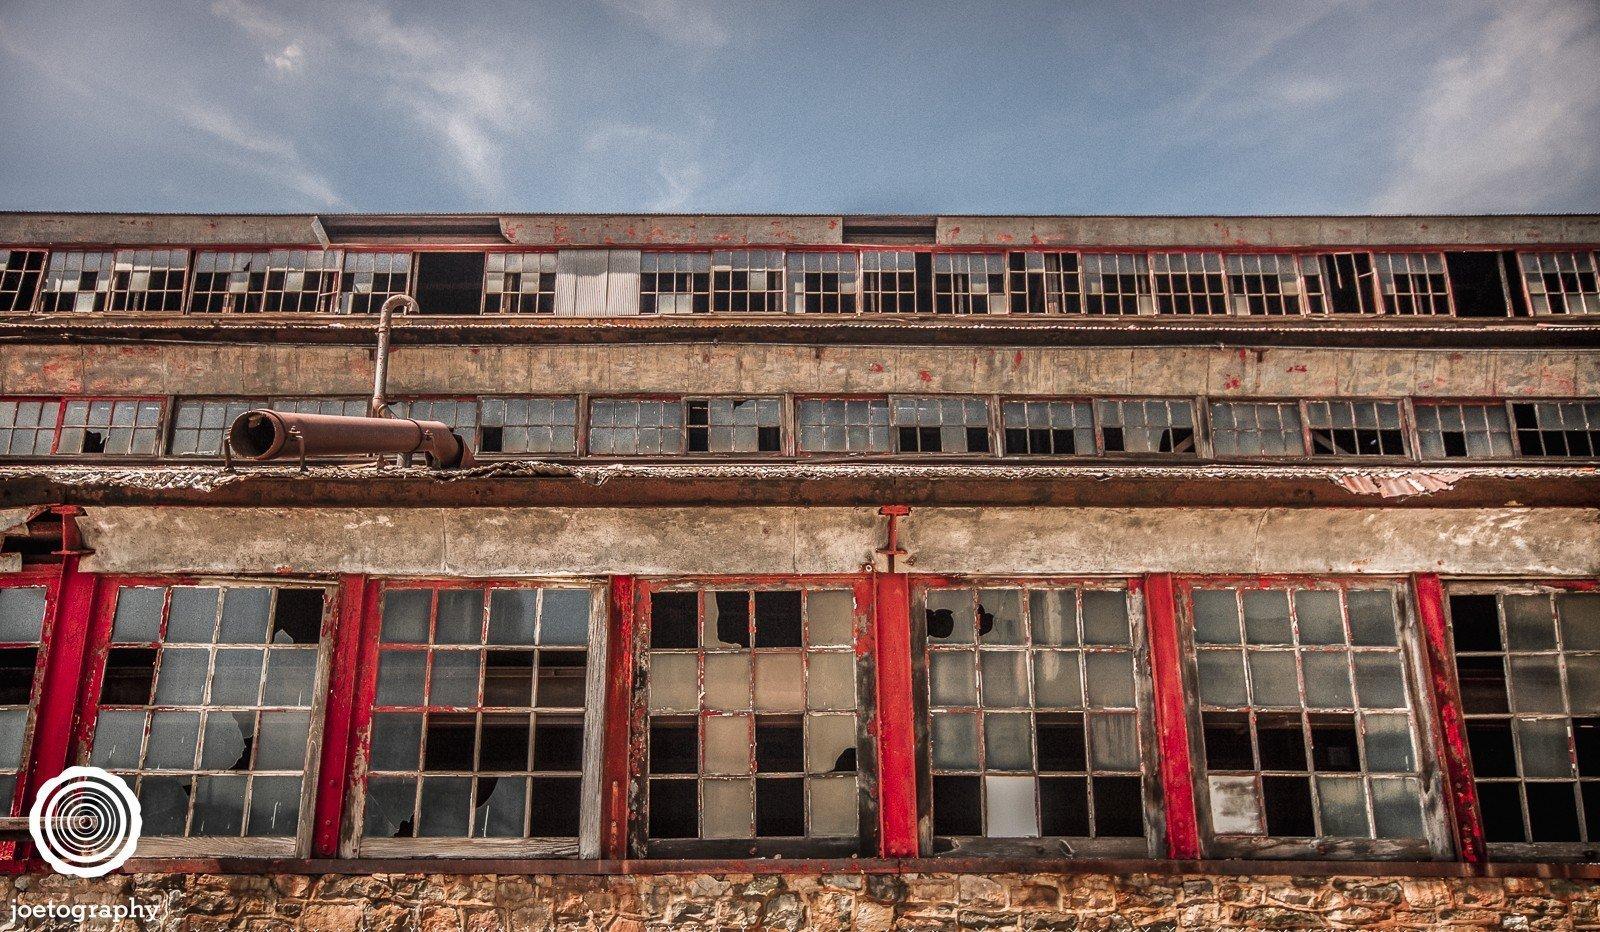 joetography-travel-photography-bethlehem-steel-pennsylvania-2015-17